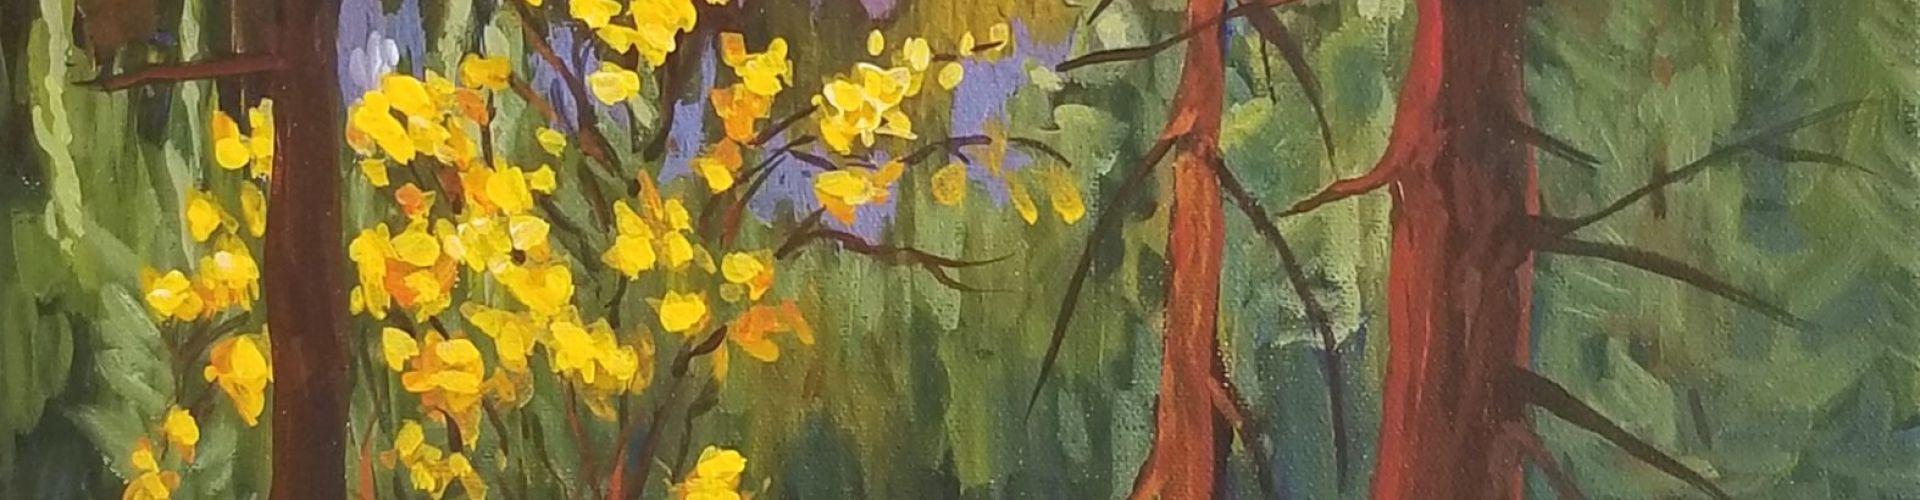 High Rim Trail painting by Linda Lovisa